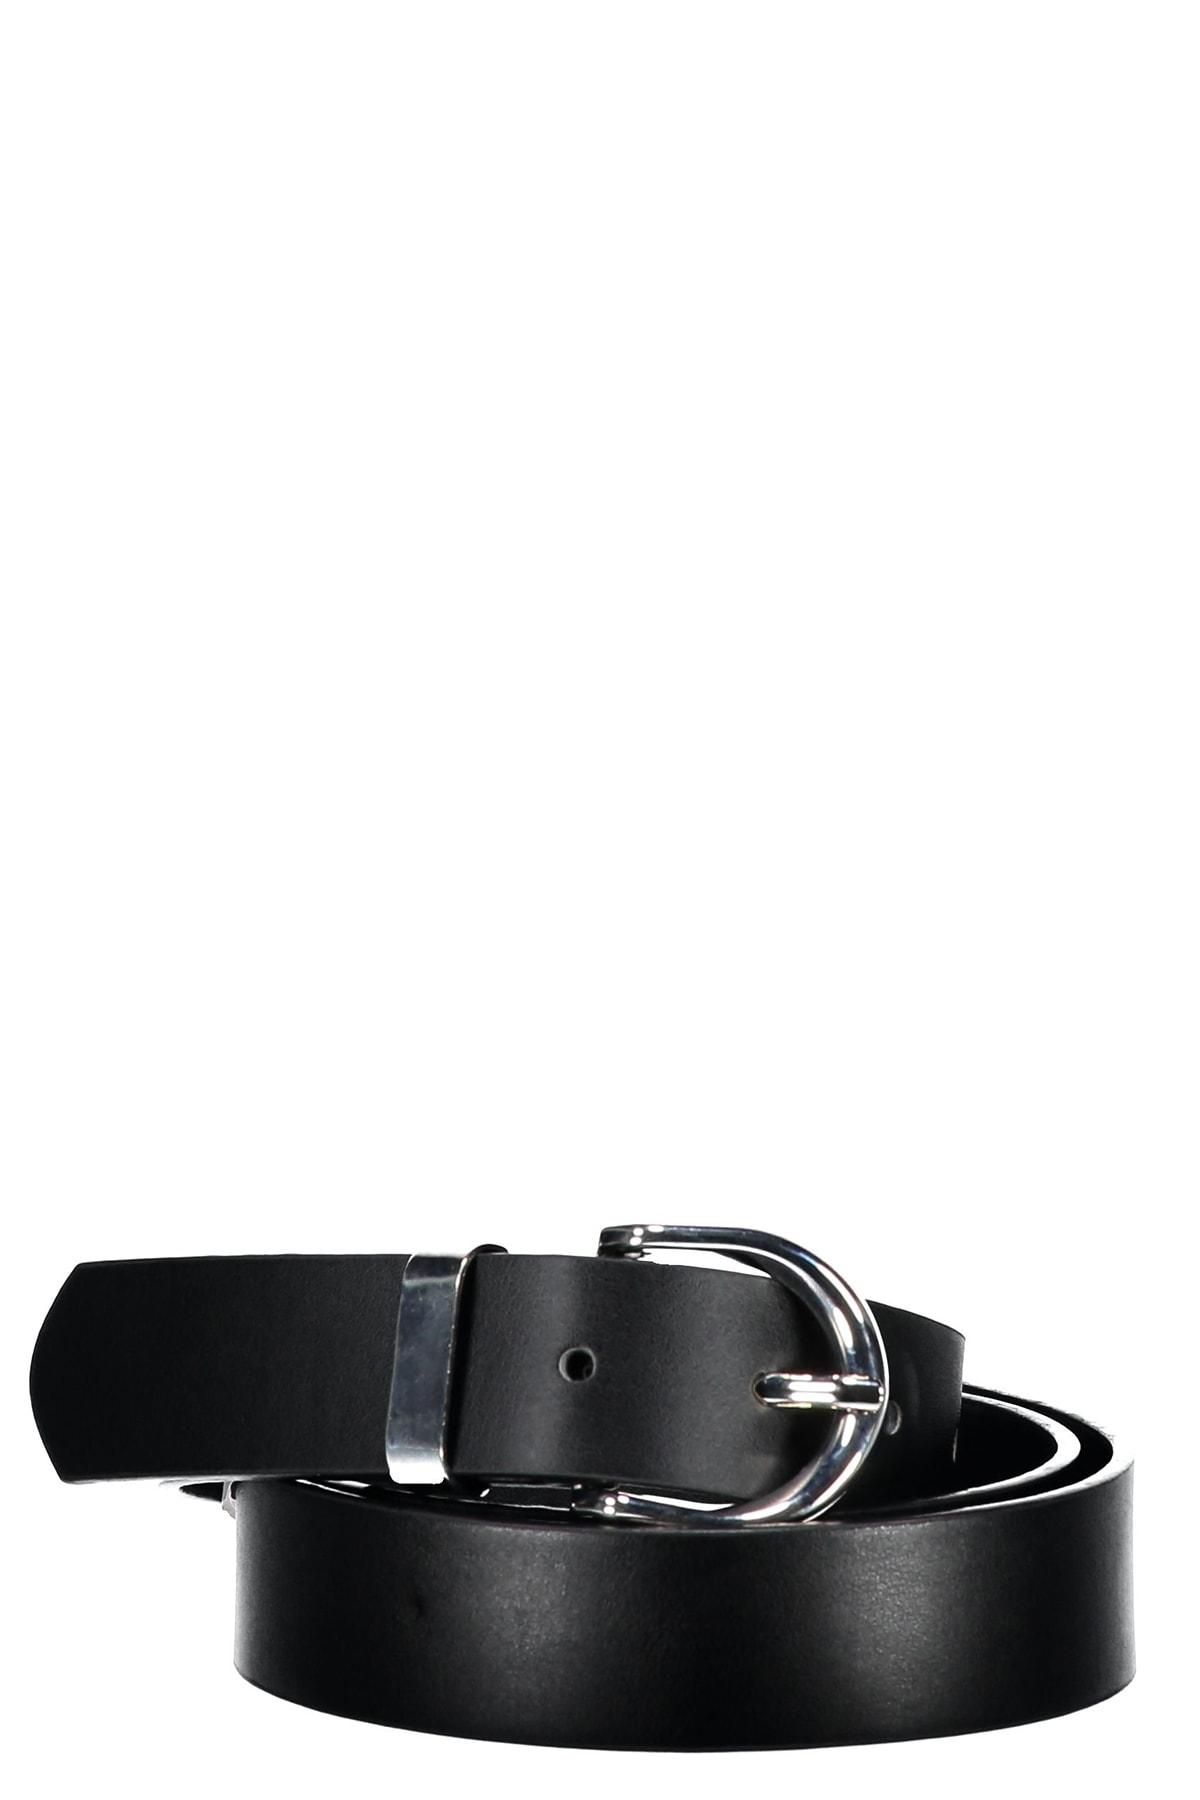 Collezione Kadın Siyah Kemer - UCB270391A41 0